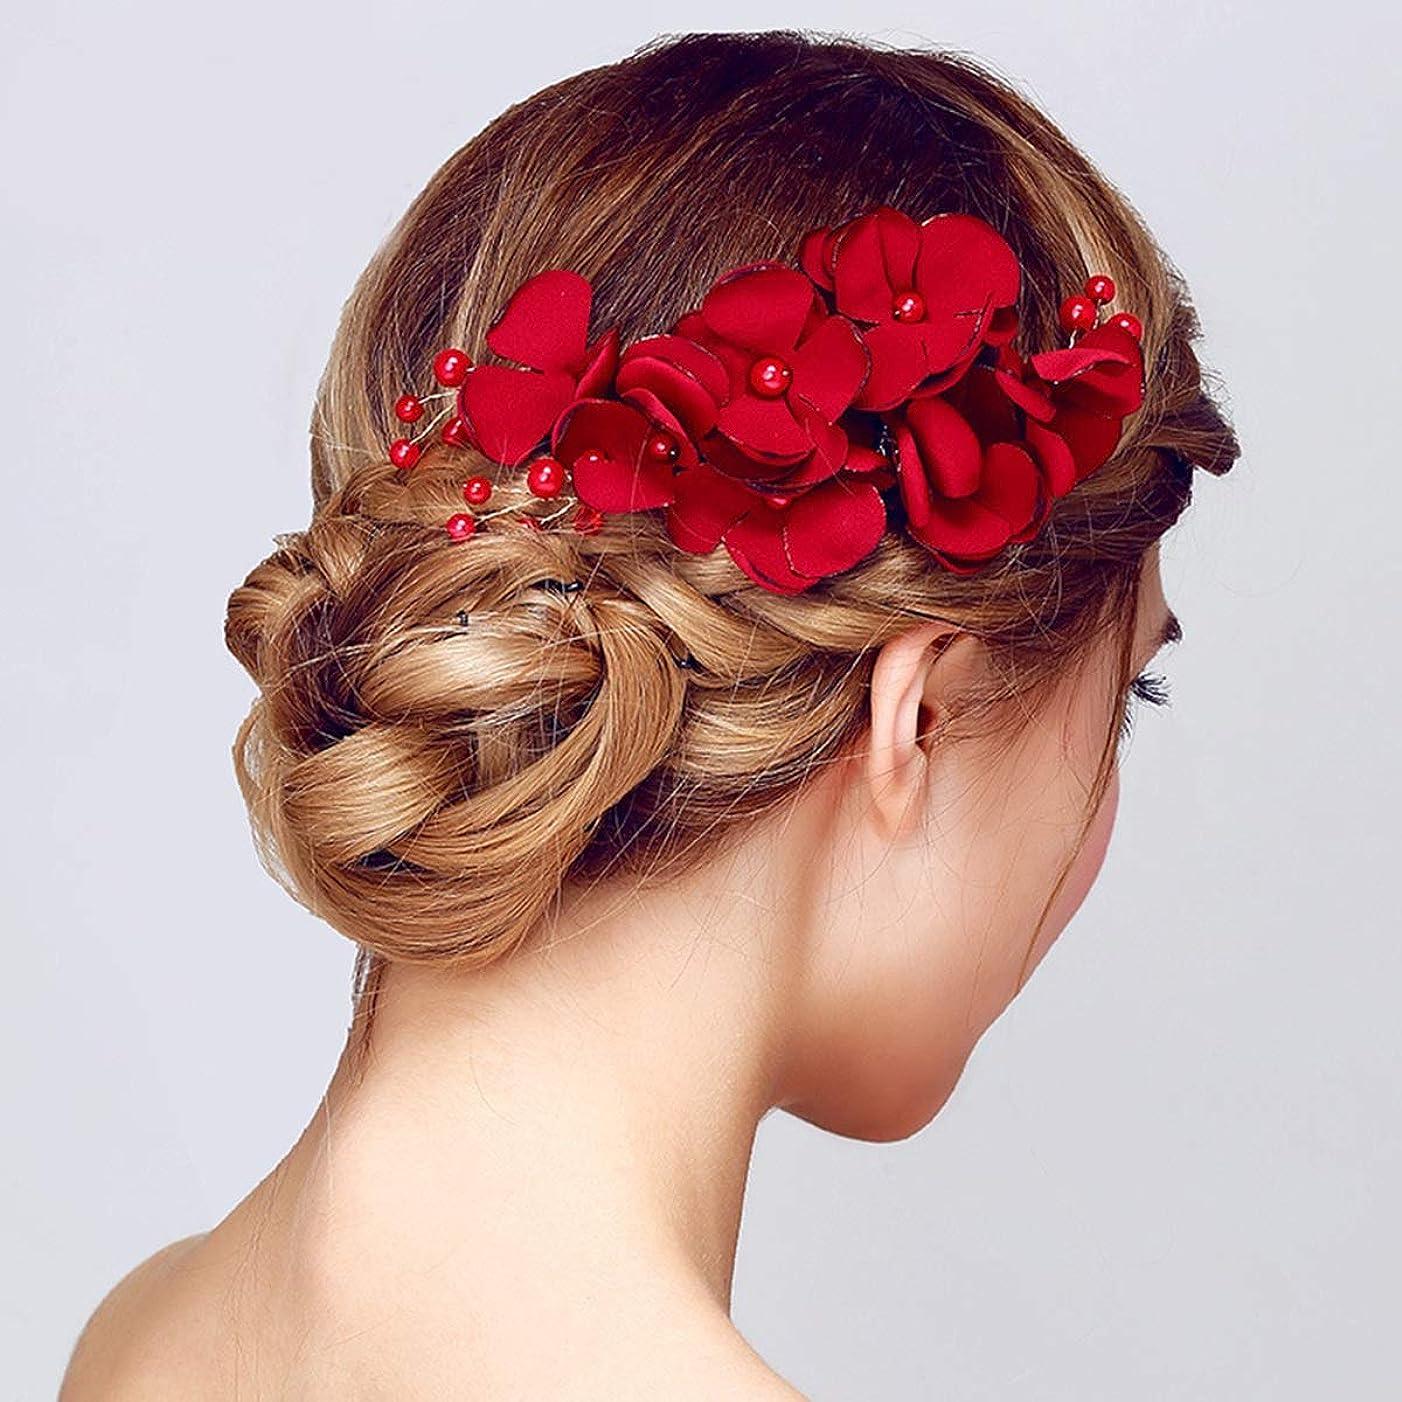 がんばり続ける黙乞食電気のヘアカーリングワンド女性合板真っ直ぐな髪デュアルユース、焼き付き防止フロントエンドデバイスパーマアーティファクト、ピンク